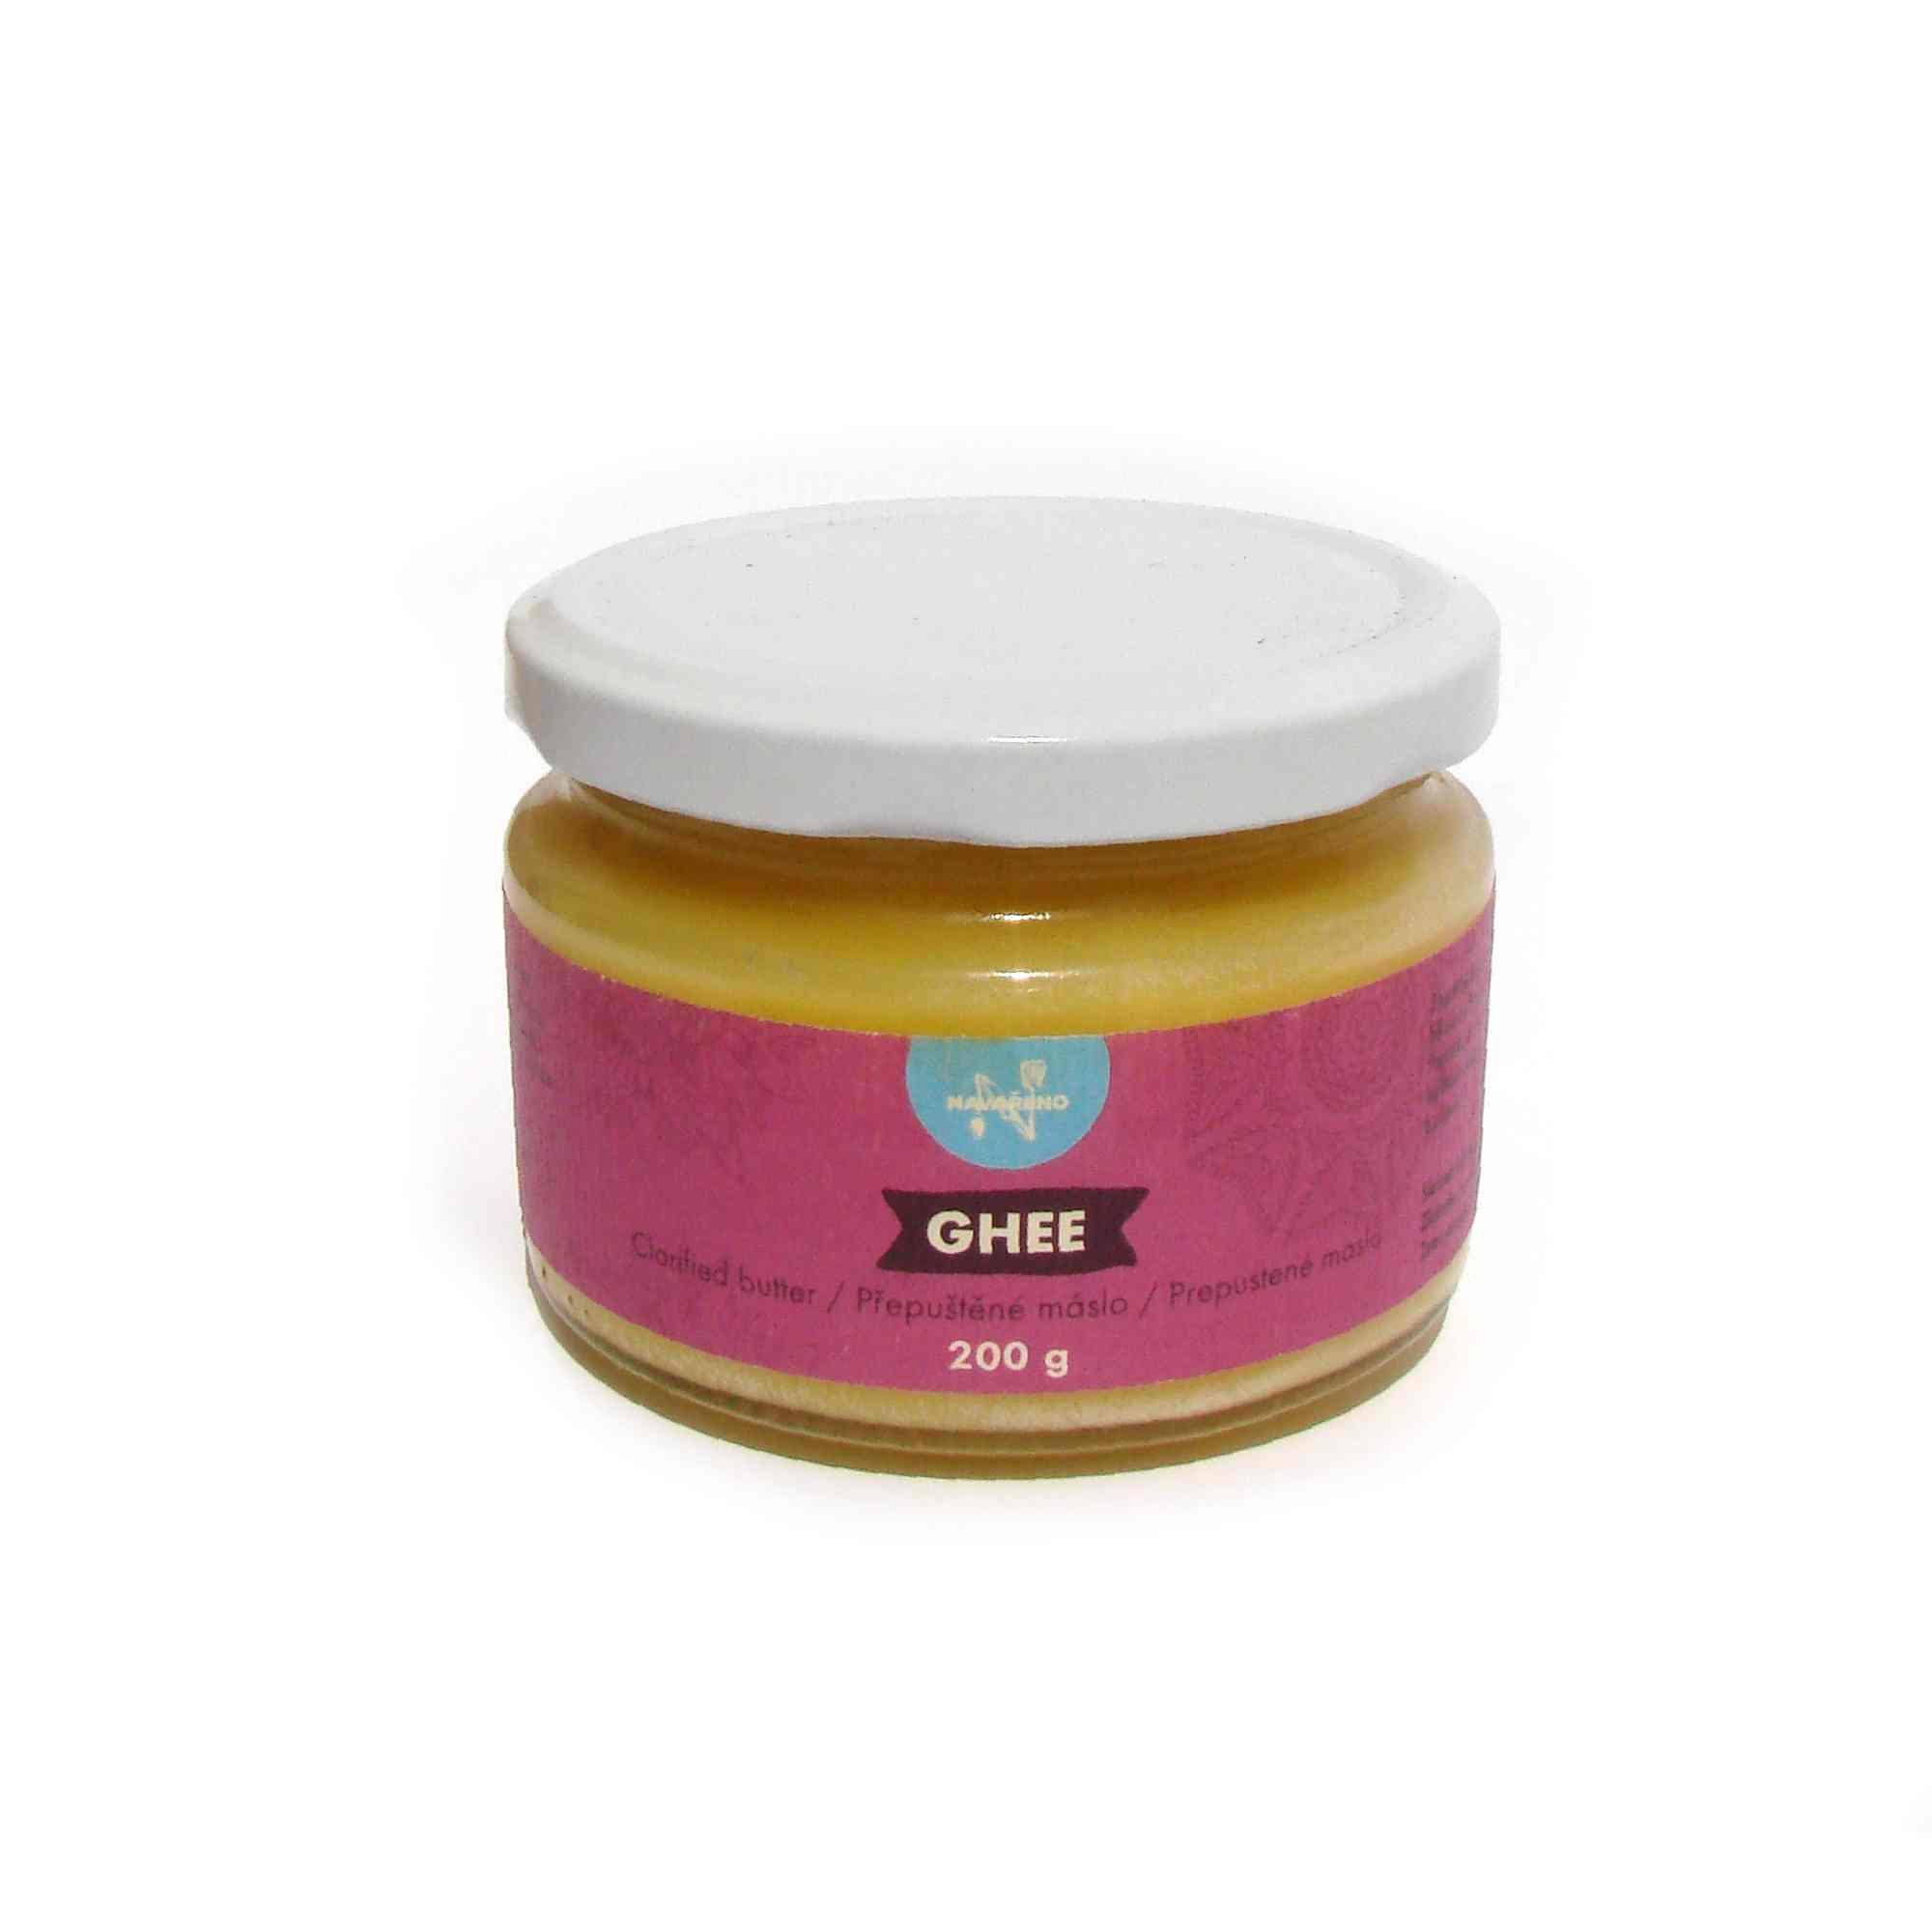 Navařeno Ghee - přepuštěné máslo 200 g